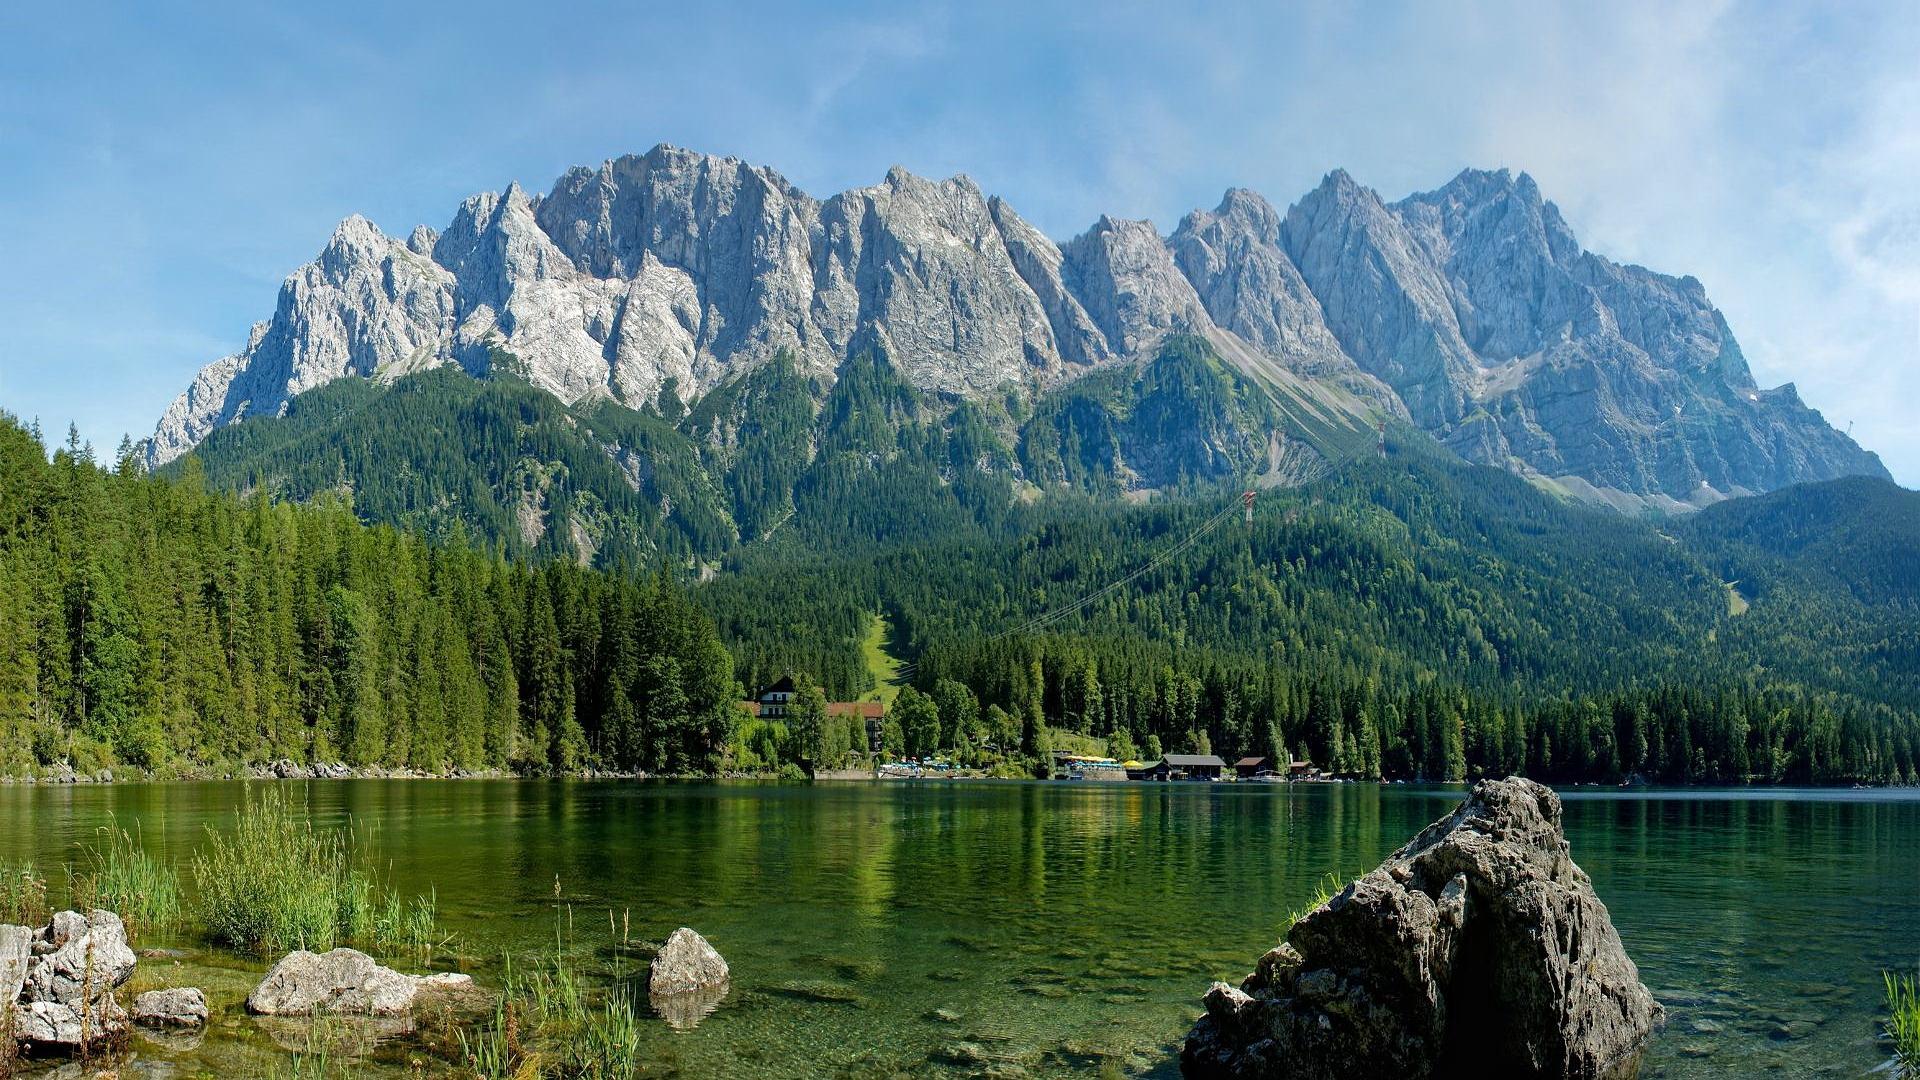 45367 Заставки и Обои Озера на телефон. Скачать Озера, Пейзаж, Природа, Горы картинки бесплатно